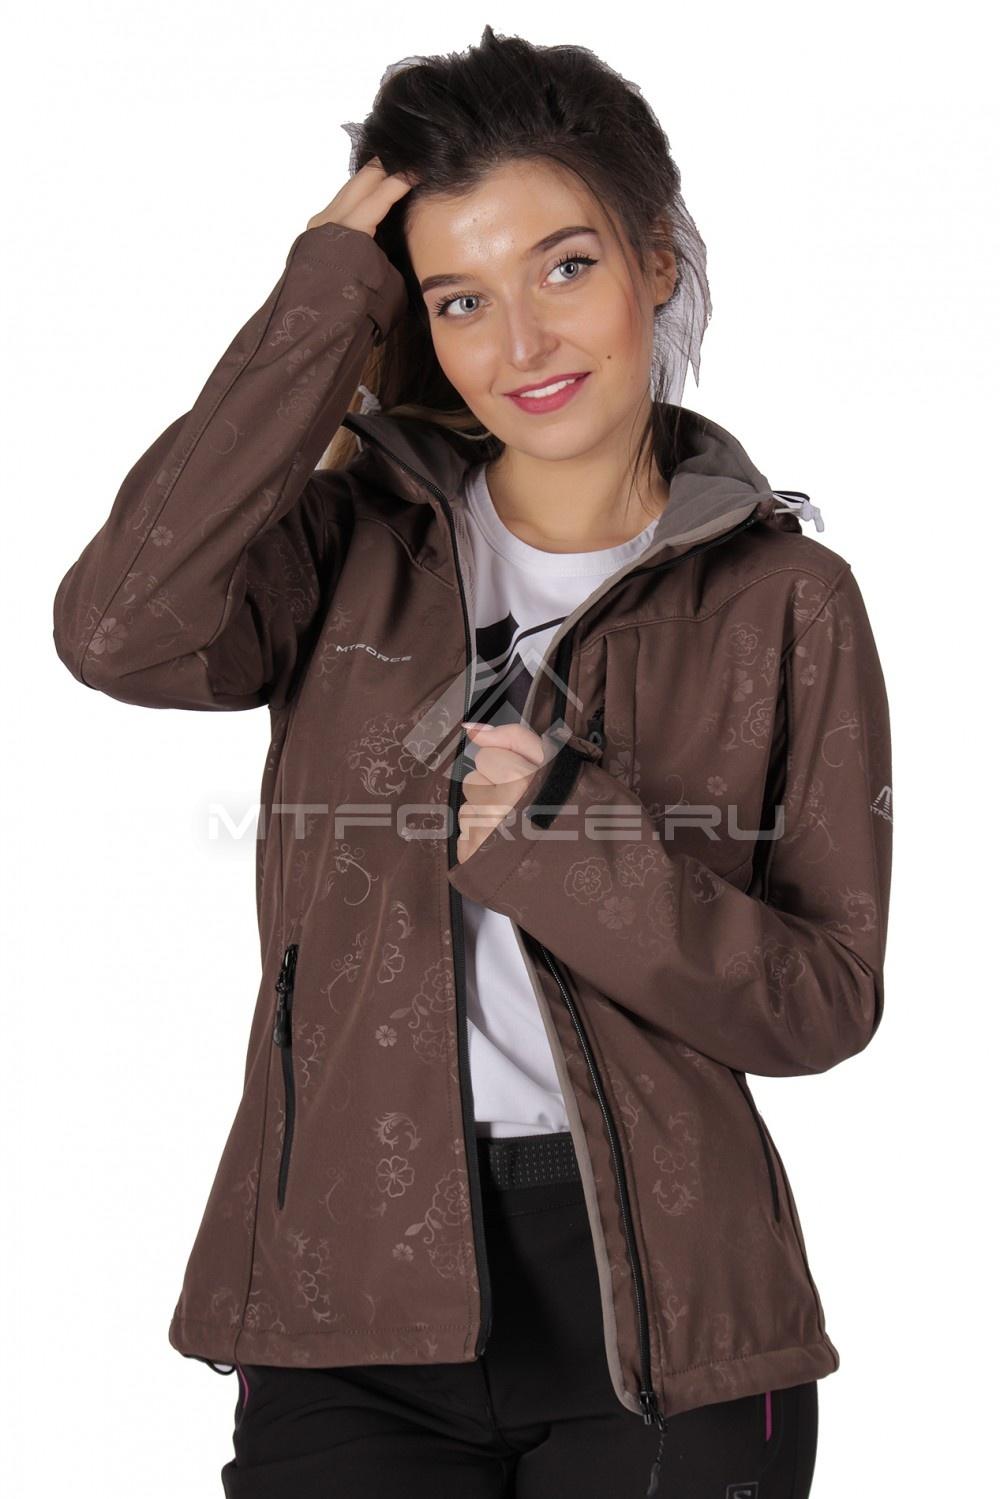 Купить                                  оптом Ветровка - виндстоппер женская коричневого цвета 1721K в Новосибирске